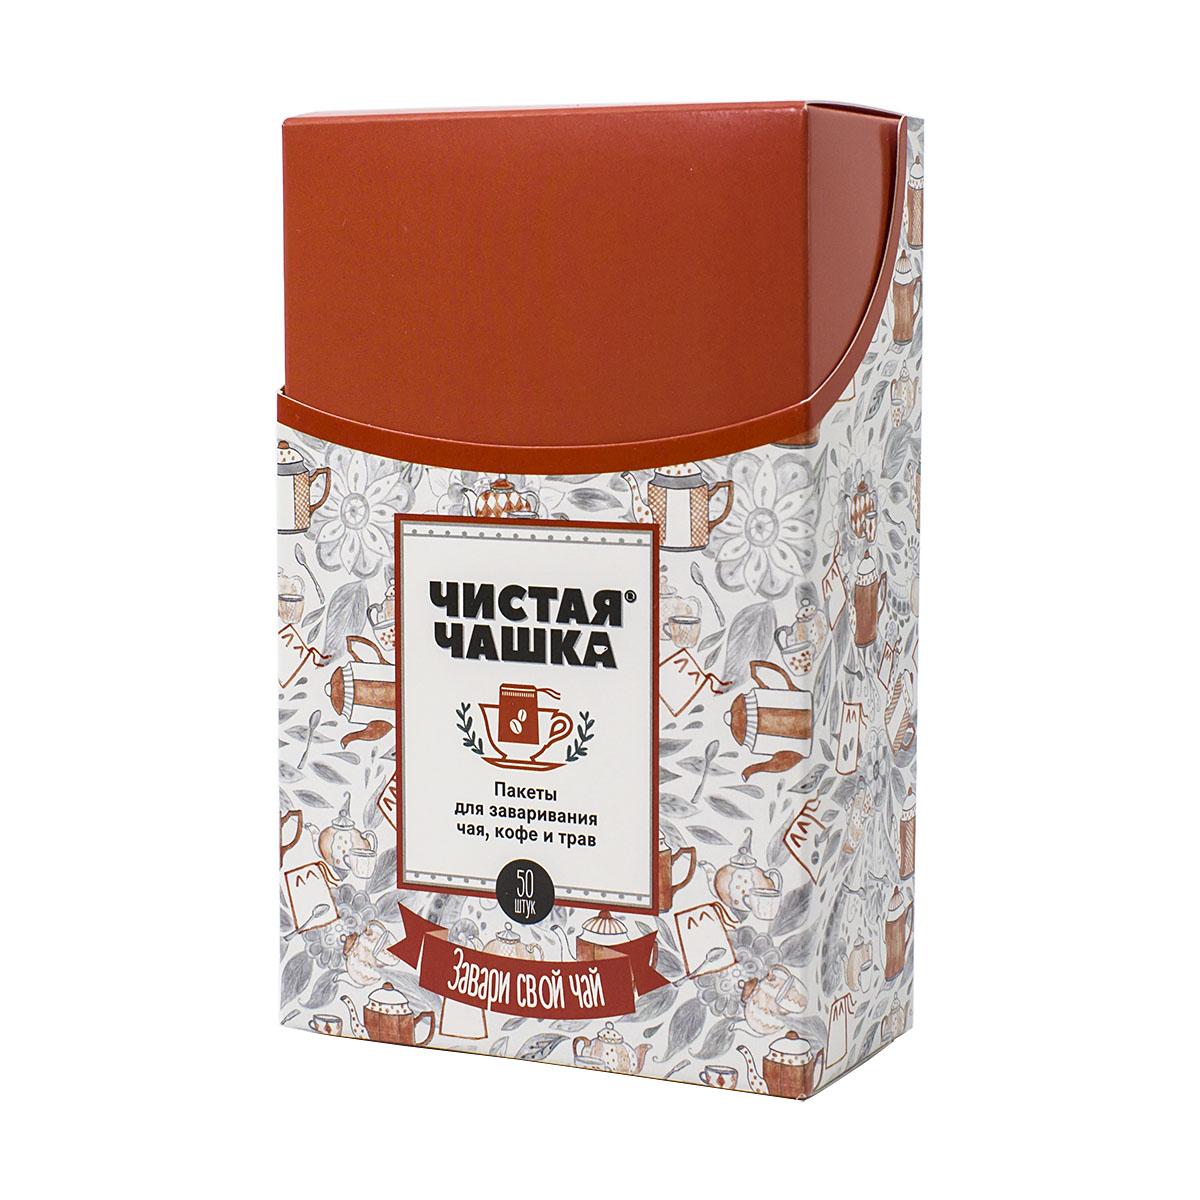 Пакеты для заваривания чая, кофе, трав